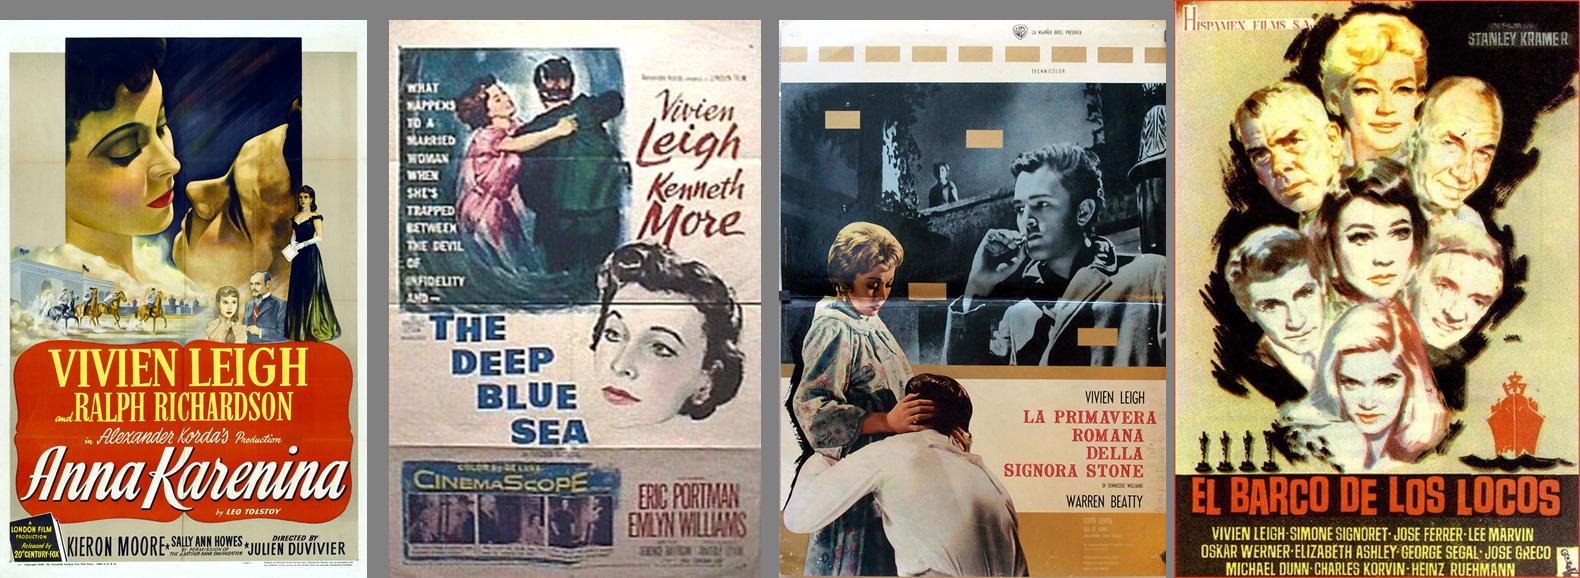 Vivien Leigh afiches 2.jpg